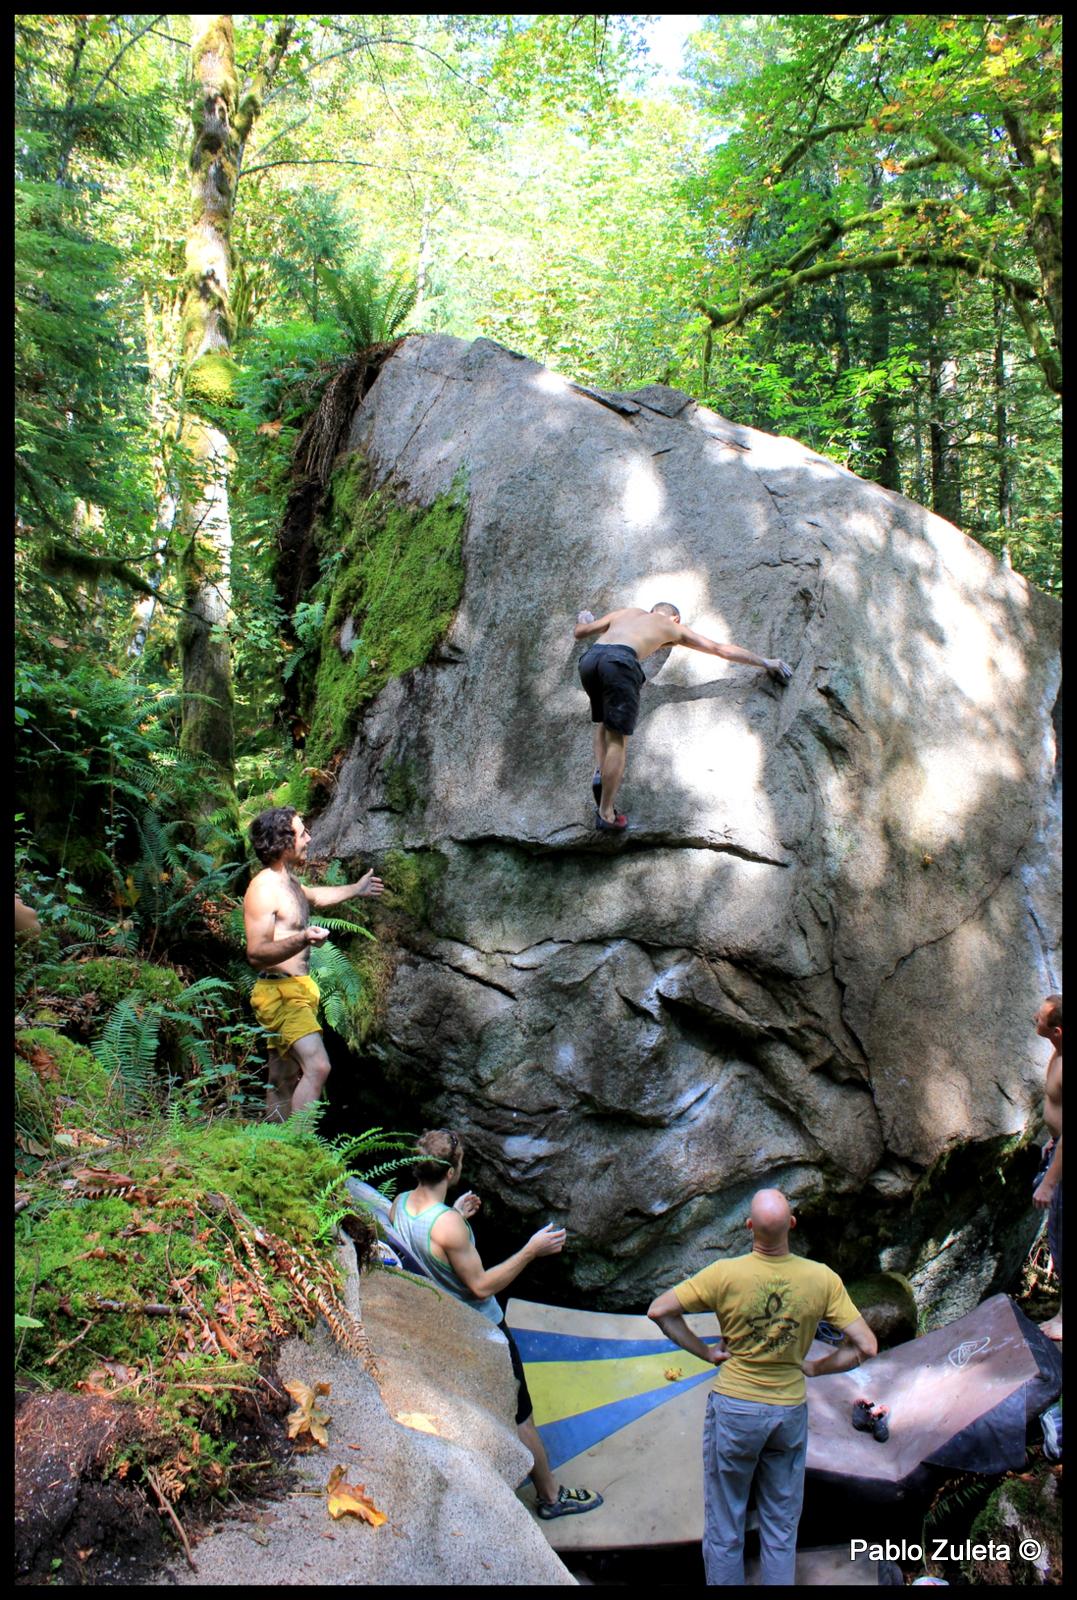 Ben O'Connell climbing Concious Sedation.